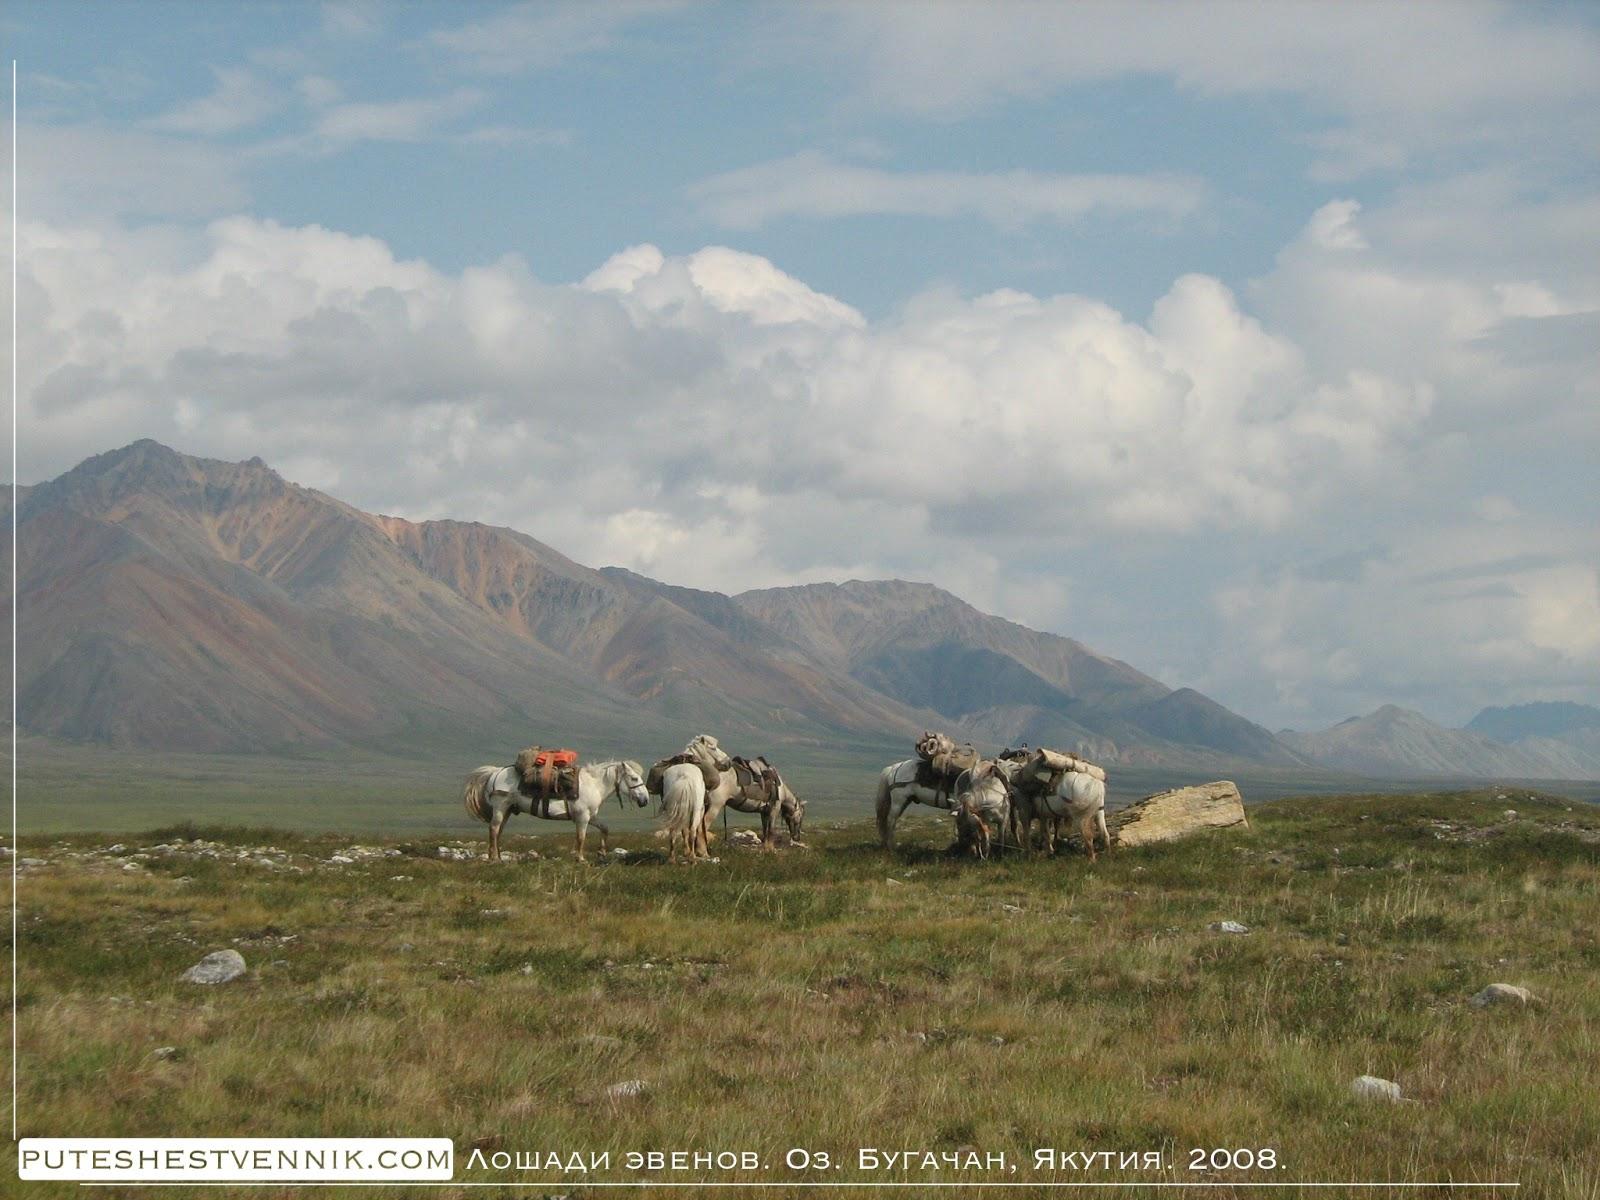 Лошади эвенов и горы в Якутии